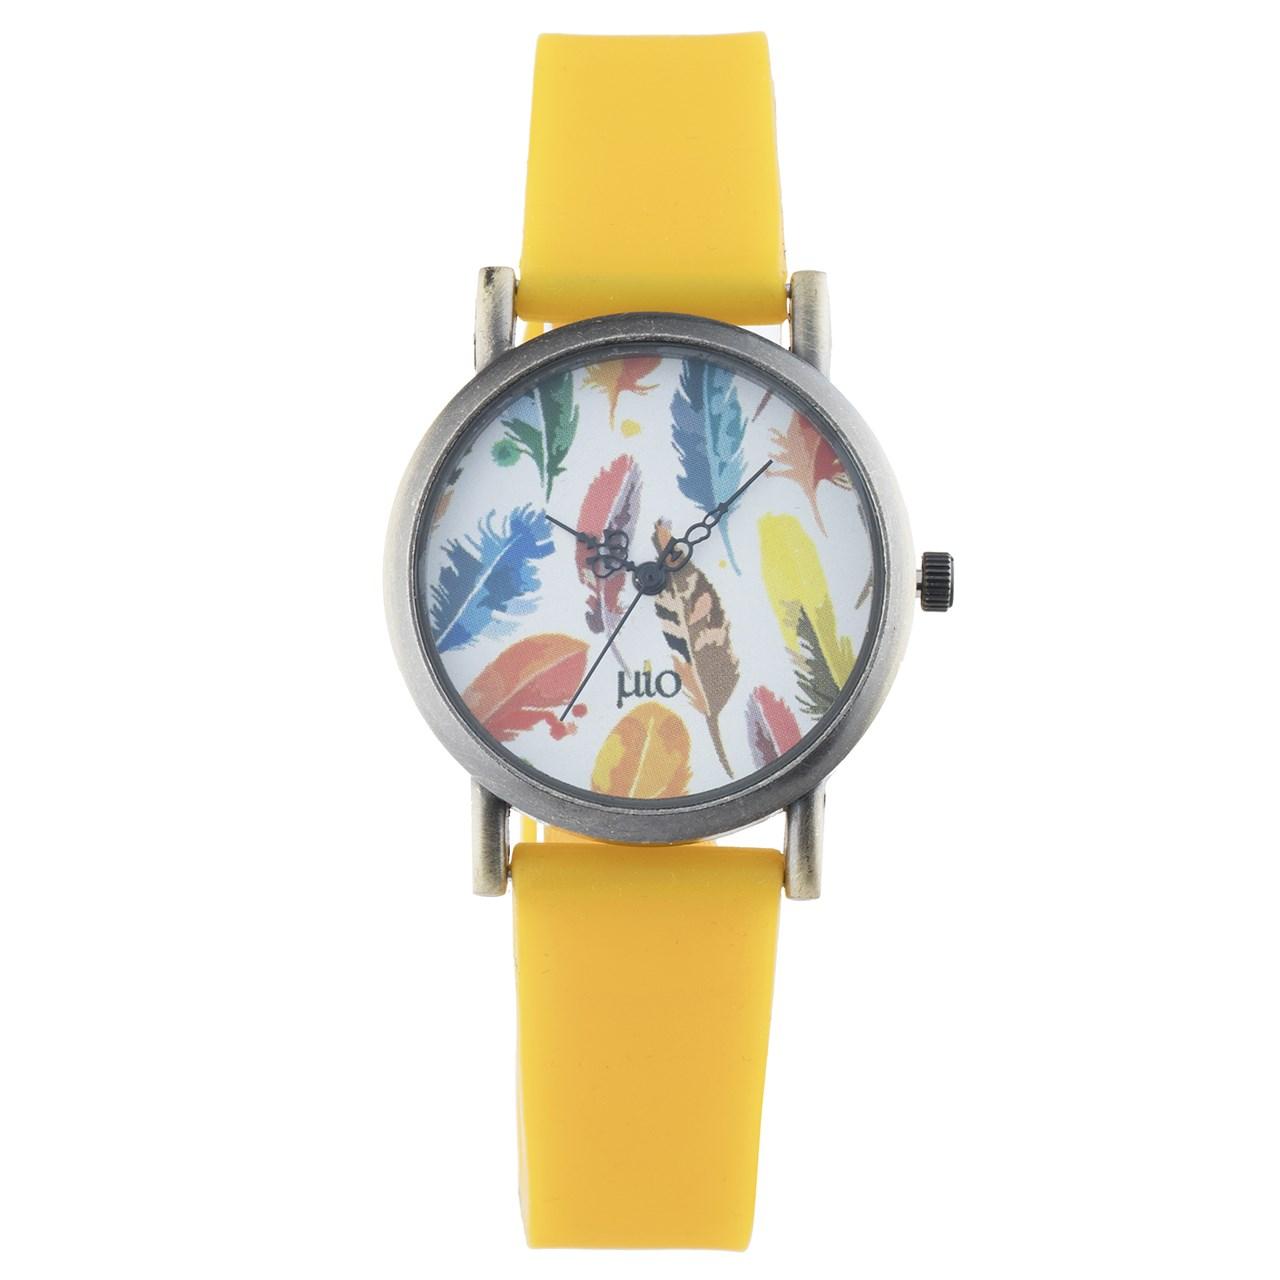 ساعت دست ساز زنانه میو مدل 736 42